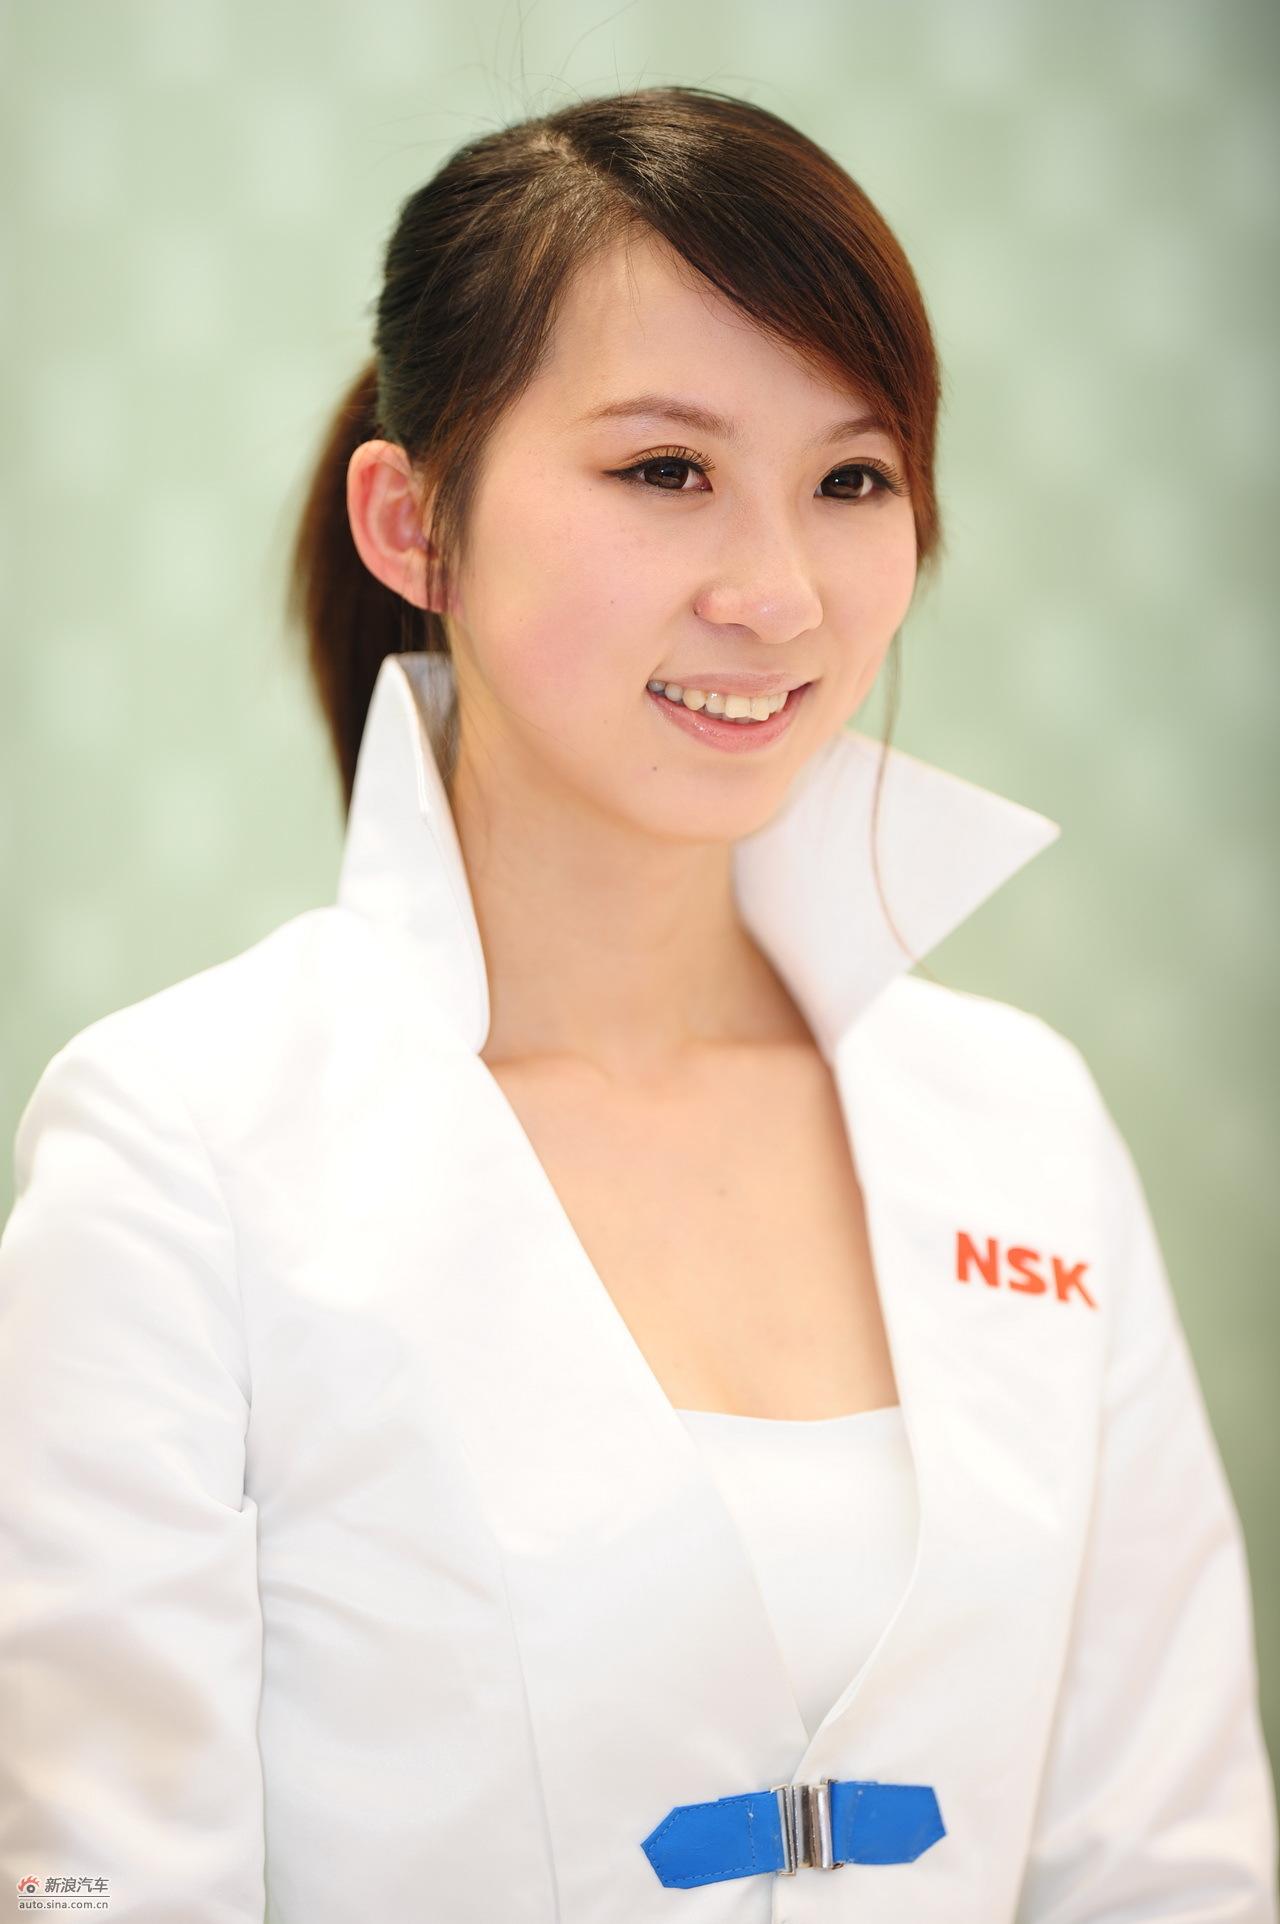 美女说明:2011上海图片高清车展四季图第美女v美女车模健身房图片